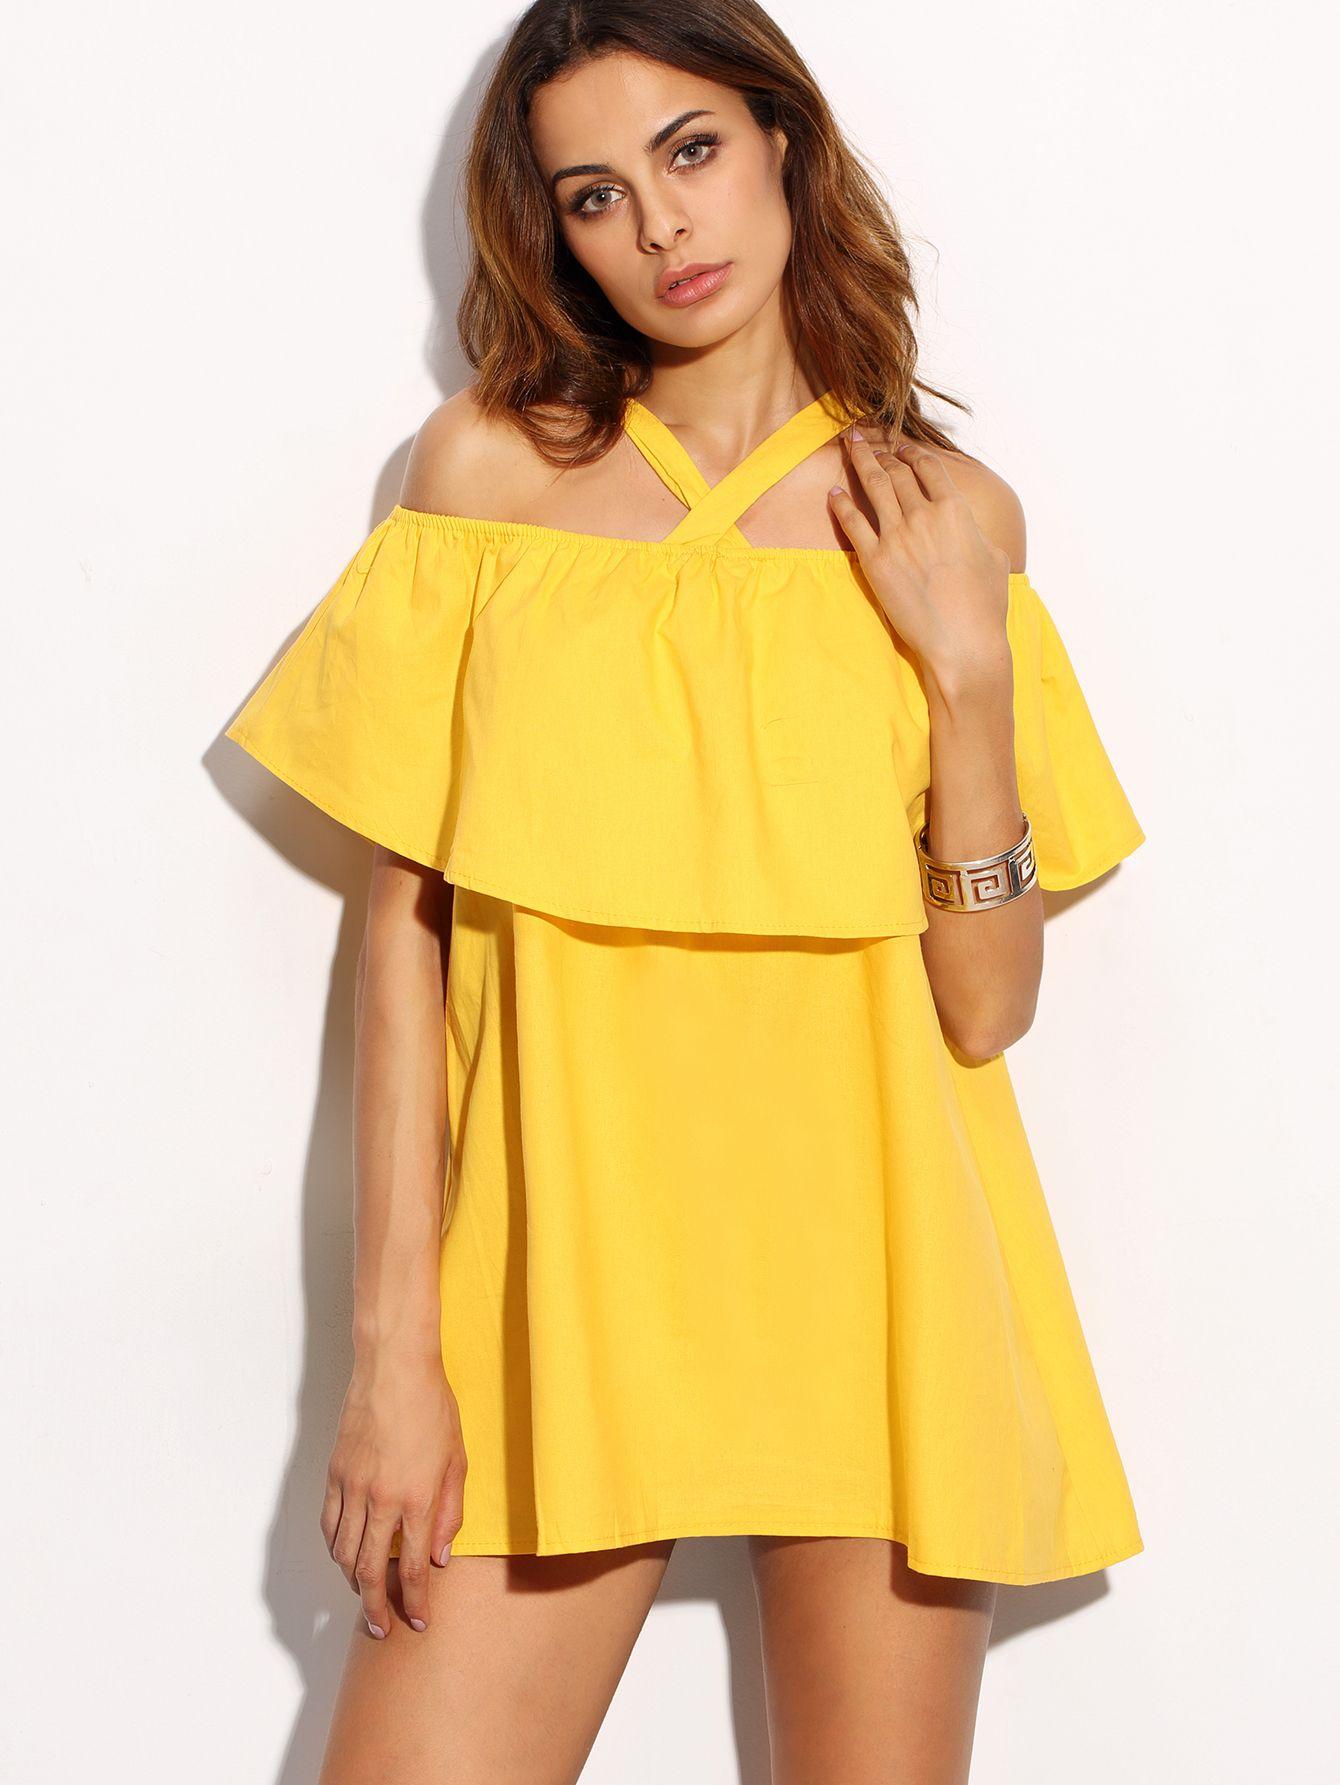 Shein Sheinside Women Fast Fashion Online Dresses Ruffle Dress Spring Fashion Outfits [ 1785 x 1340 Pixel ]